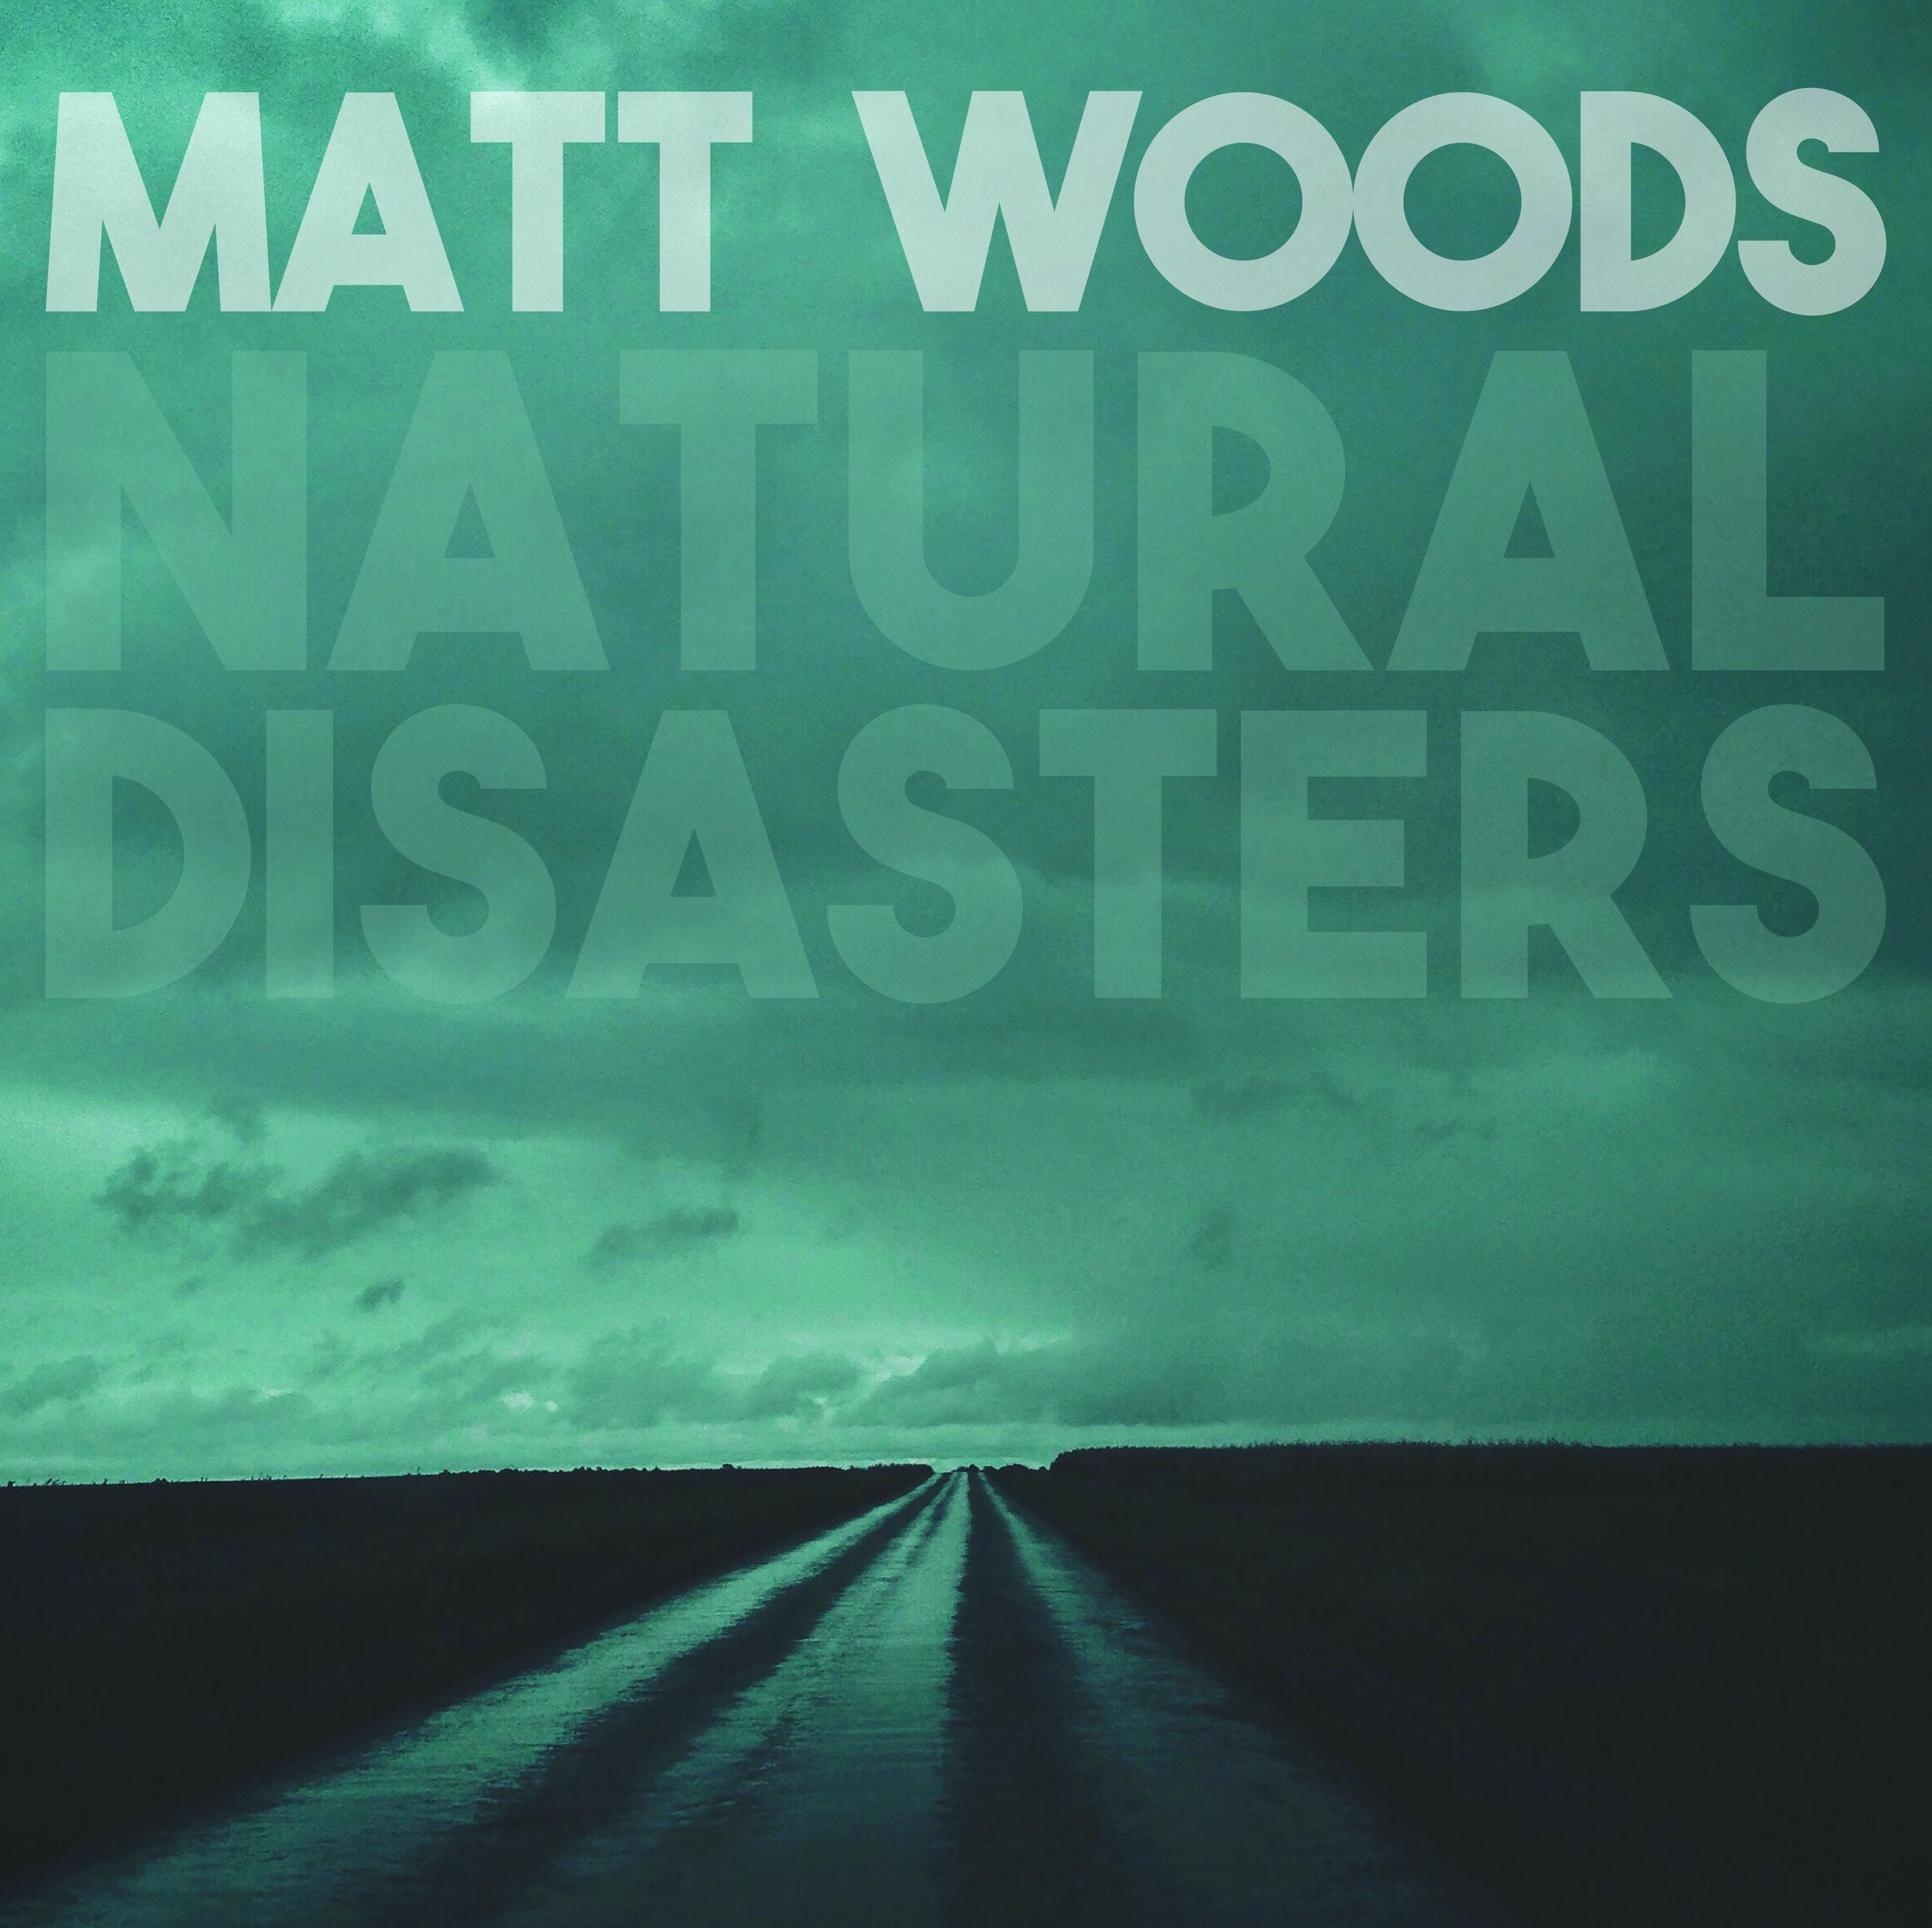 Album Cover Courtesy of  Chad Cochran